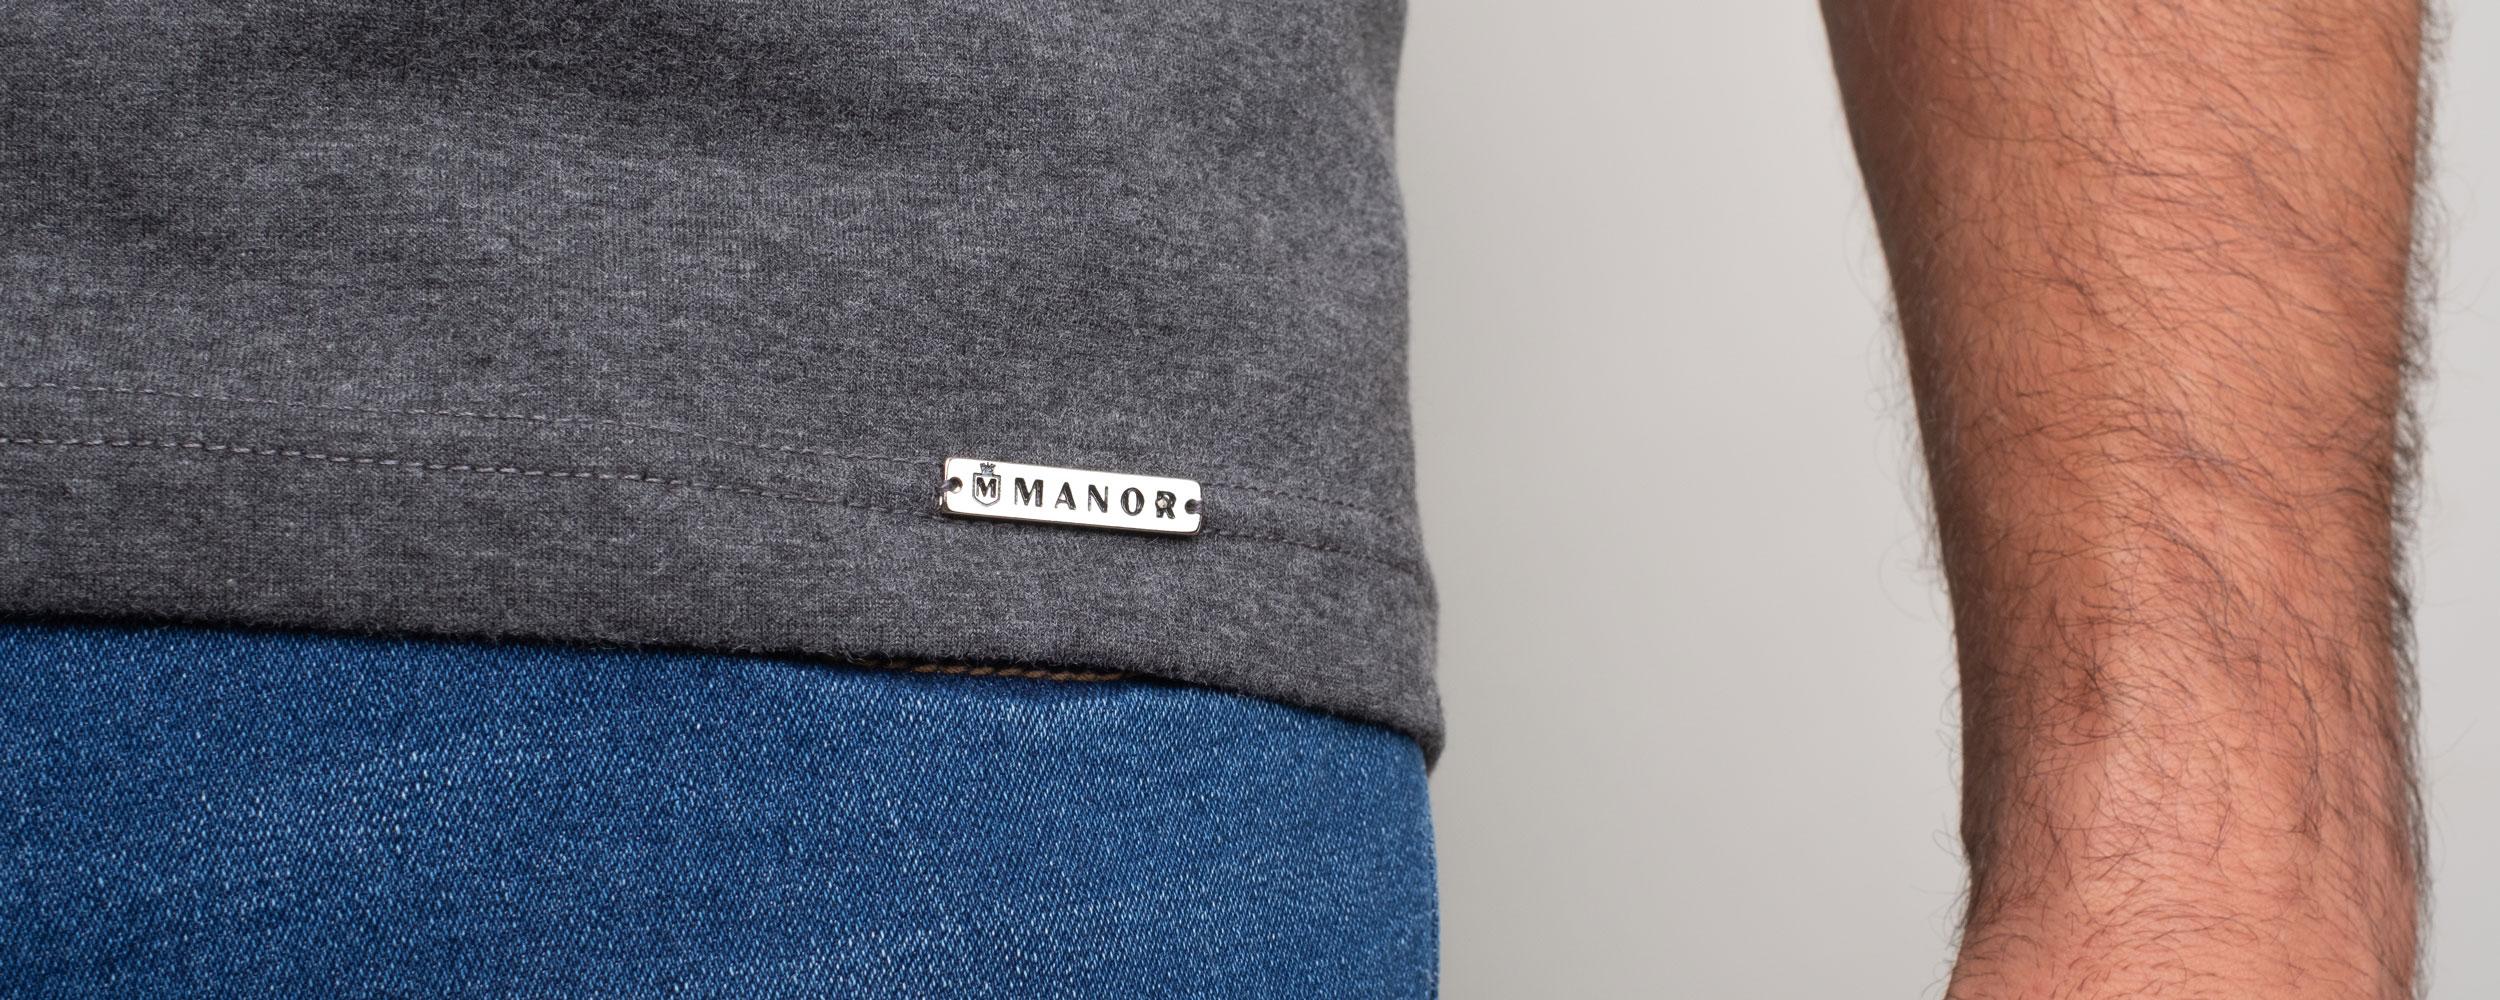 Manor underwear Održavanje odeće